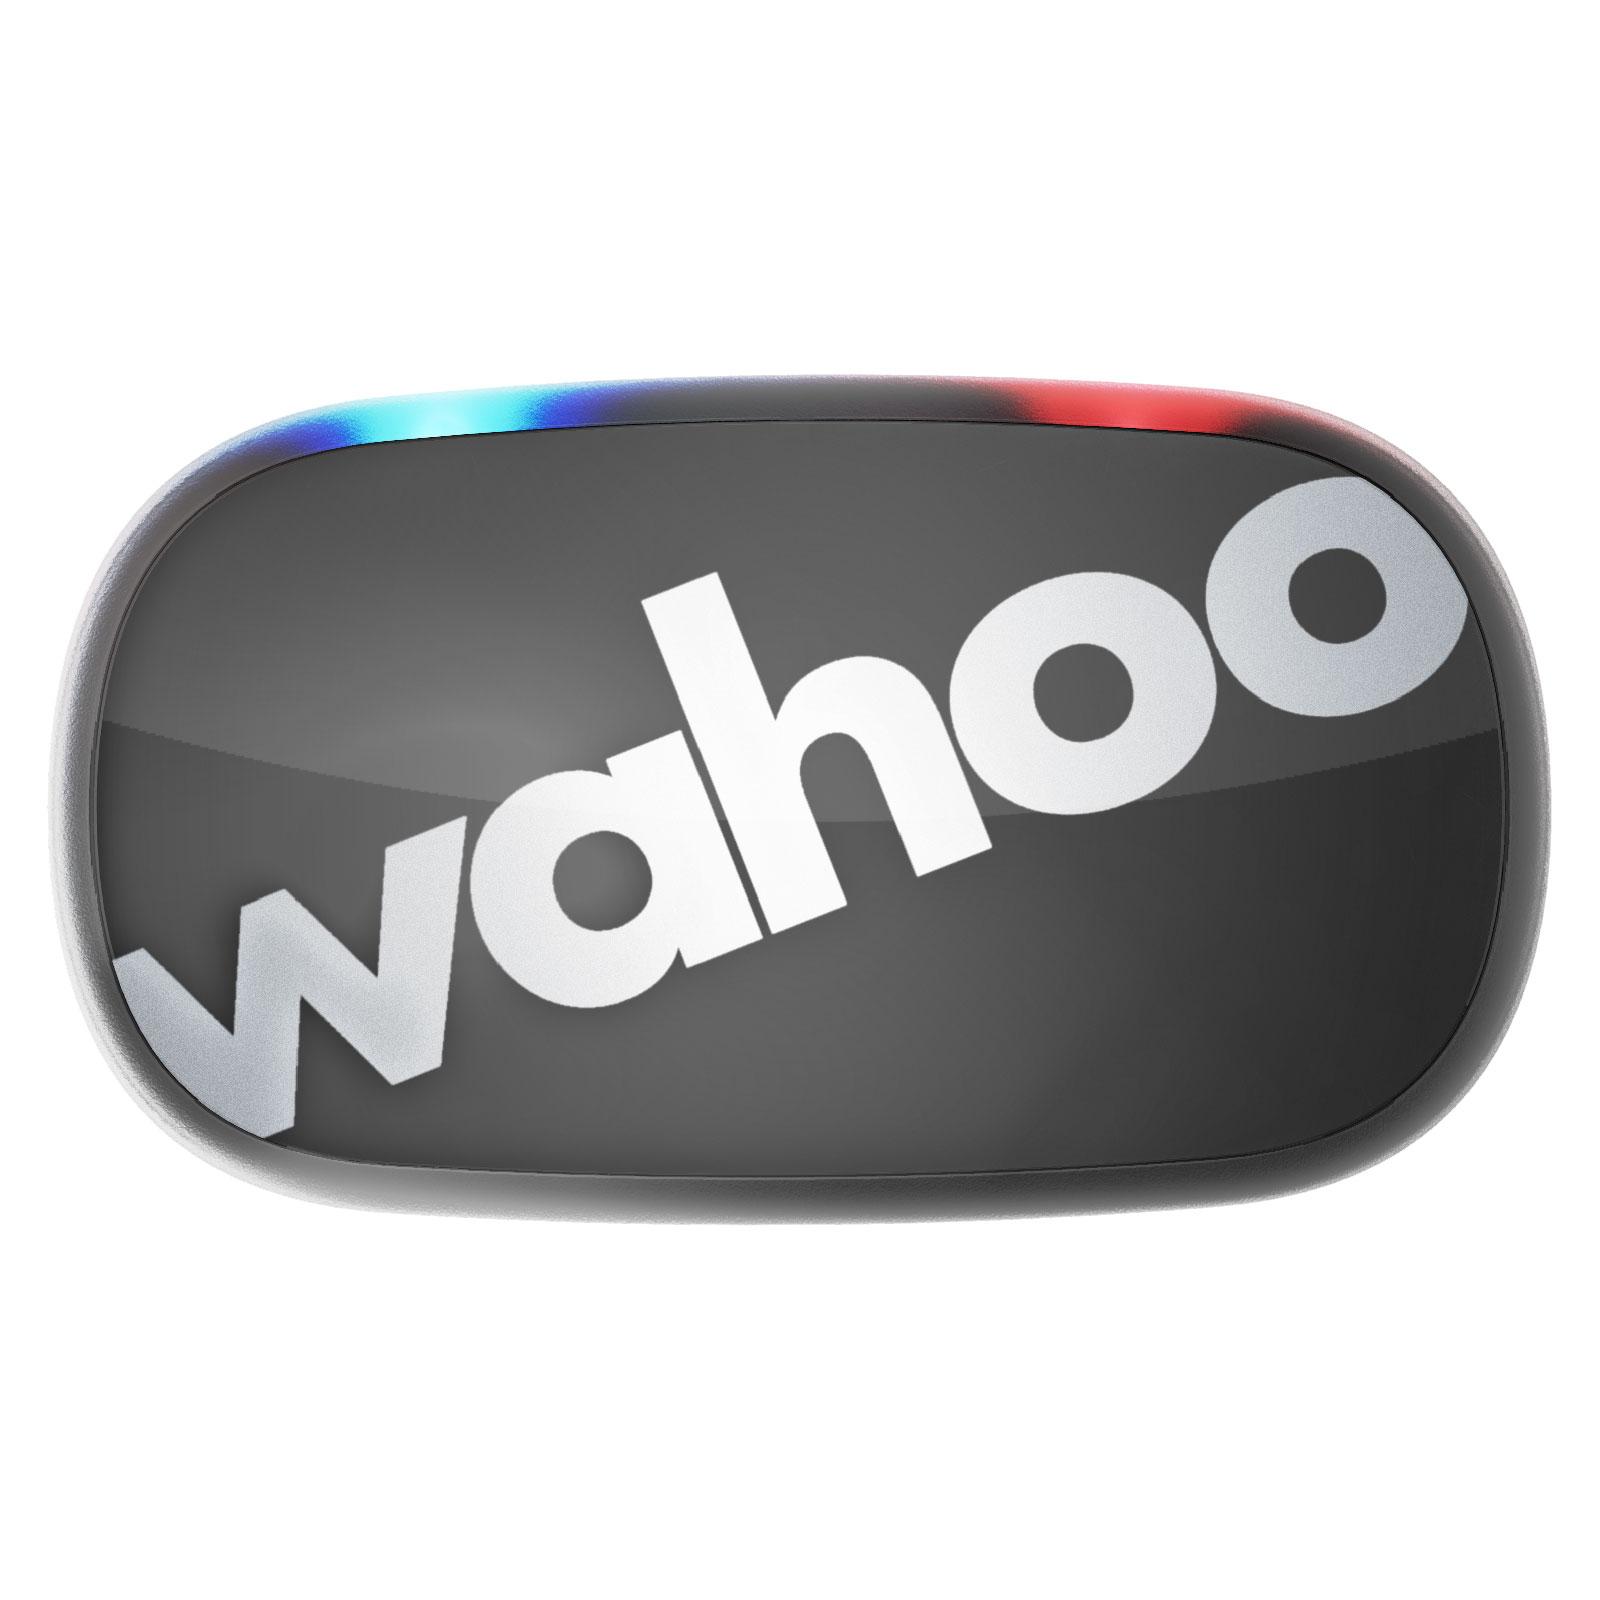 Bild von Wahoo TICKR Herzfrequenzmesser - stealth gray